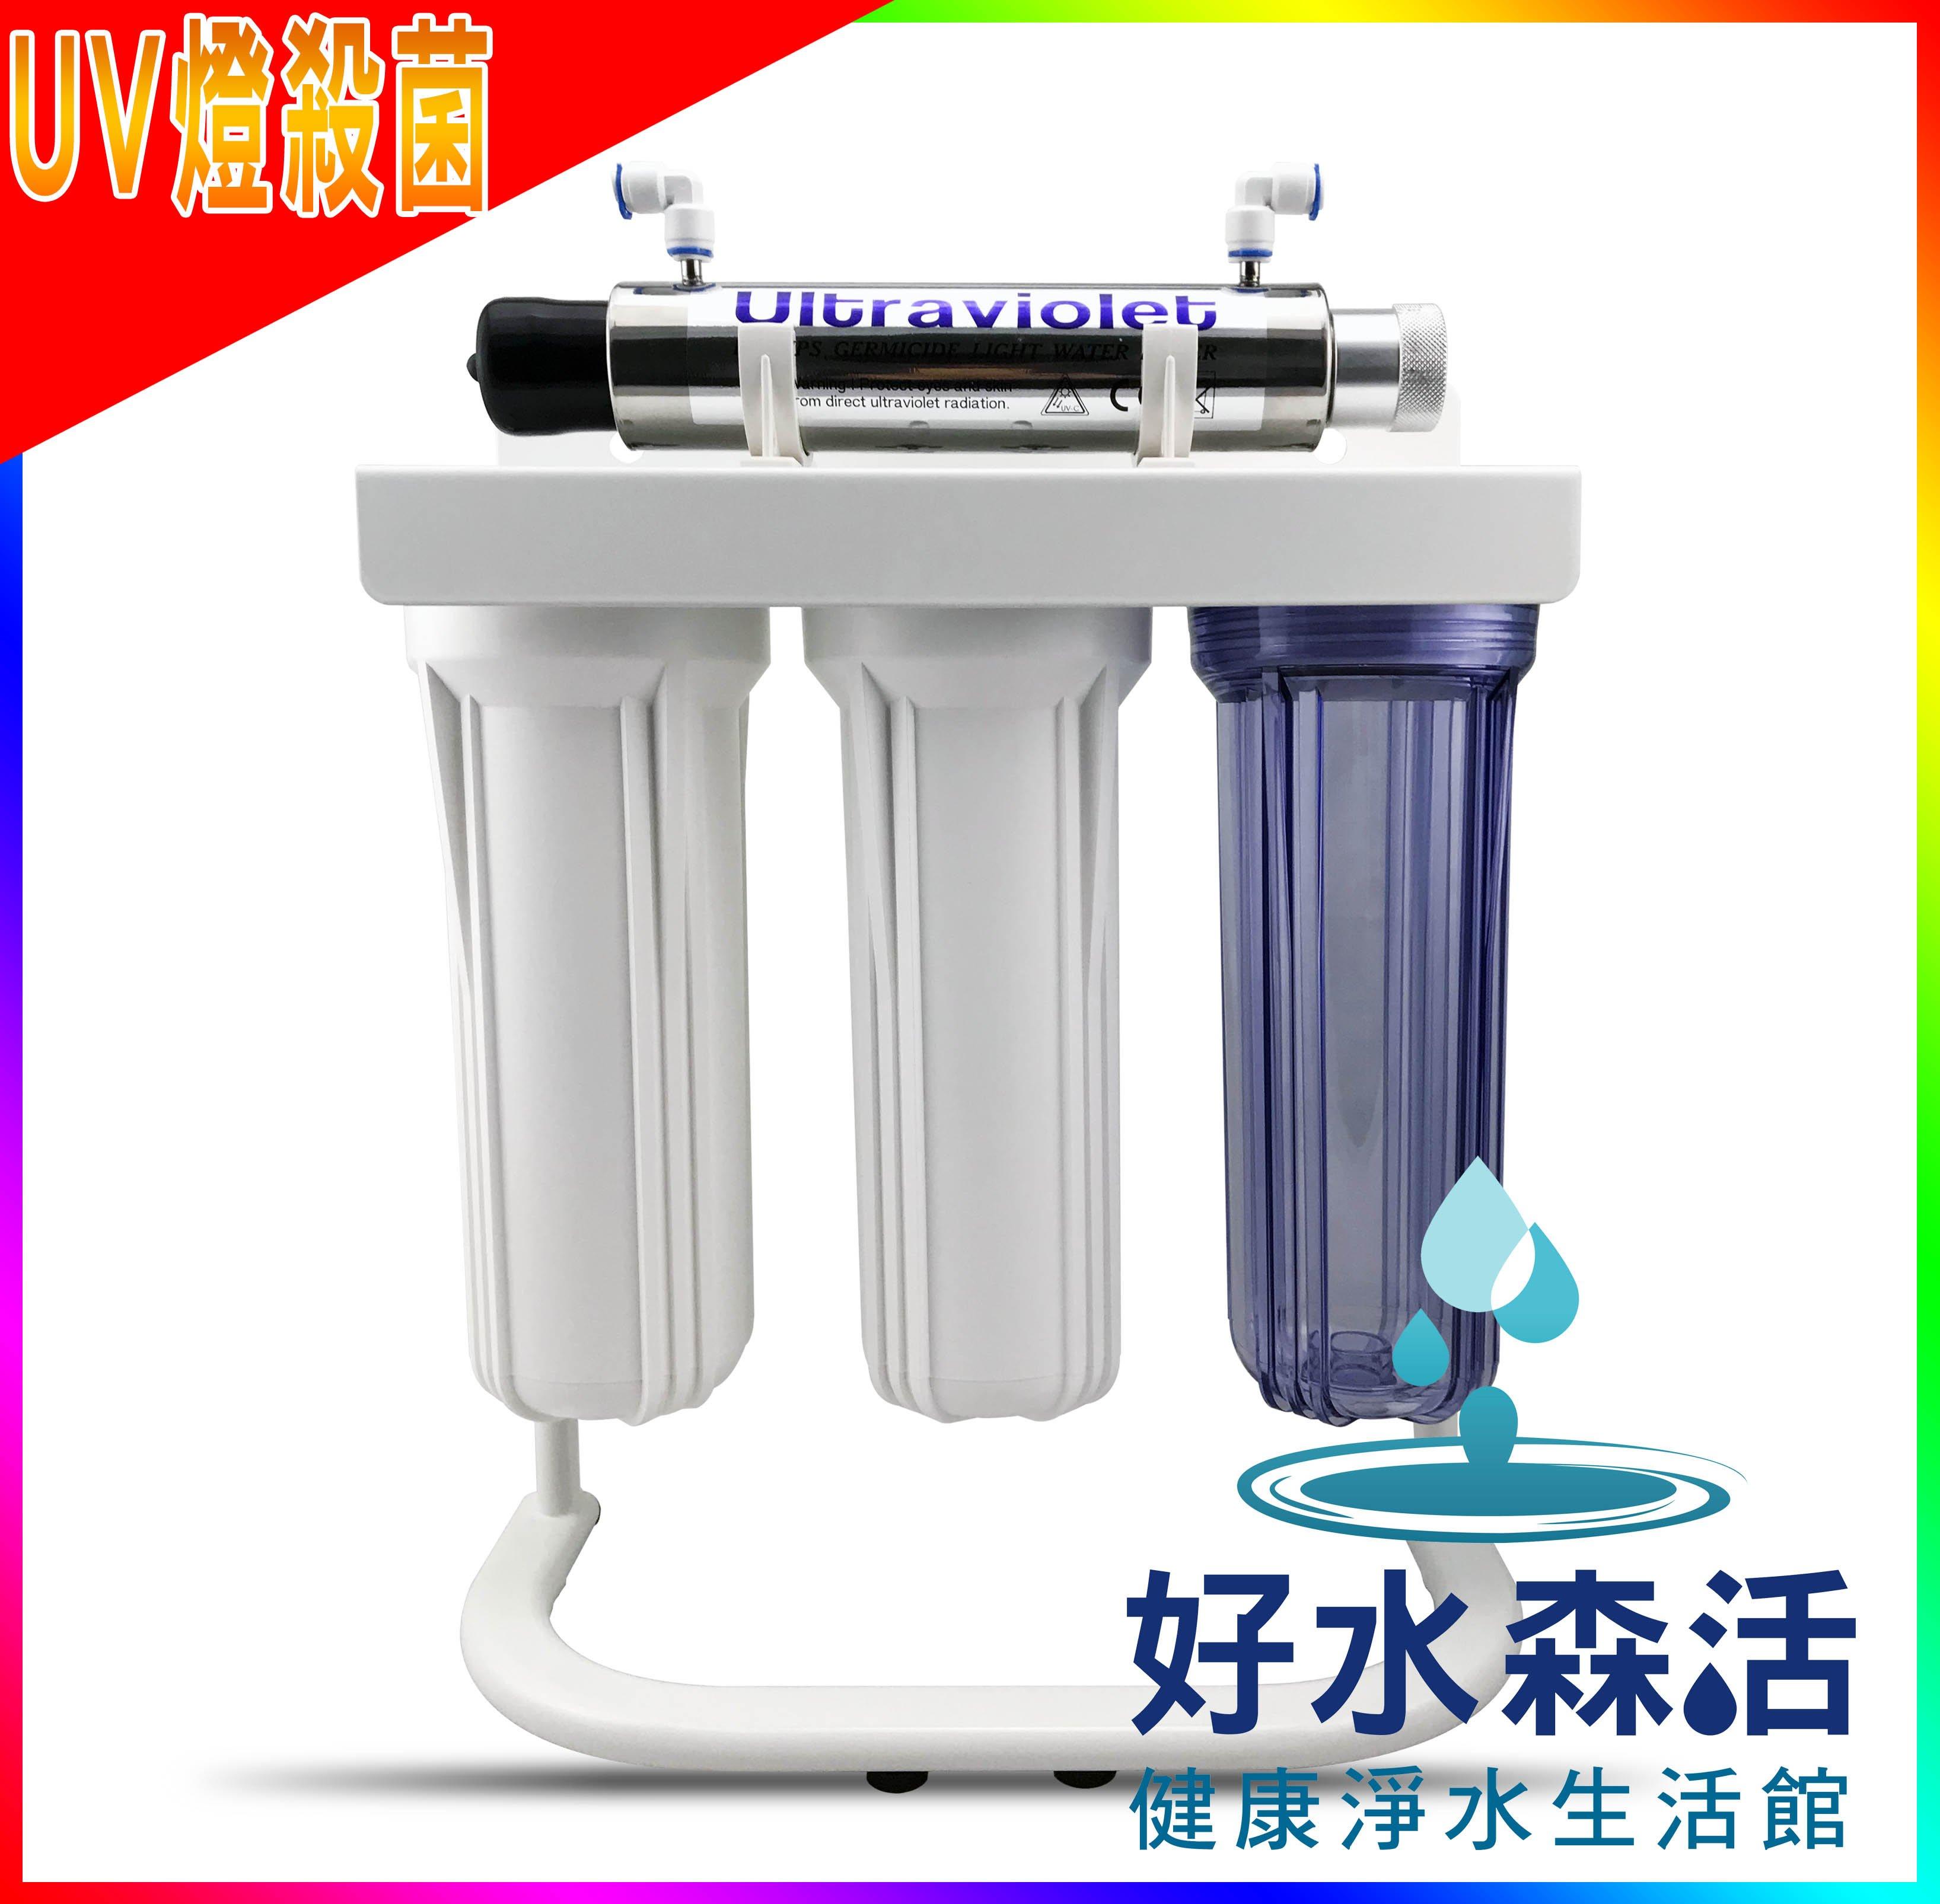 【好水森活】三道式腳架UV殺菌淨水器.UV燈殺菌.三胞胎.10英吋規格(2分管全配件),3250